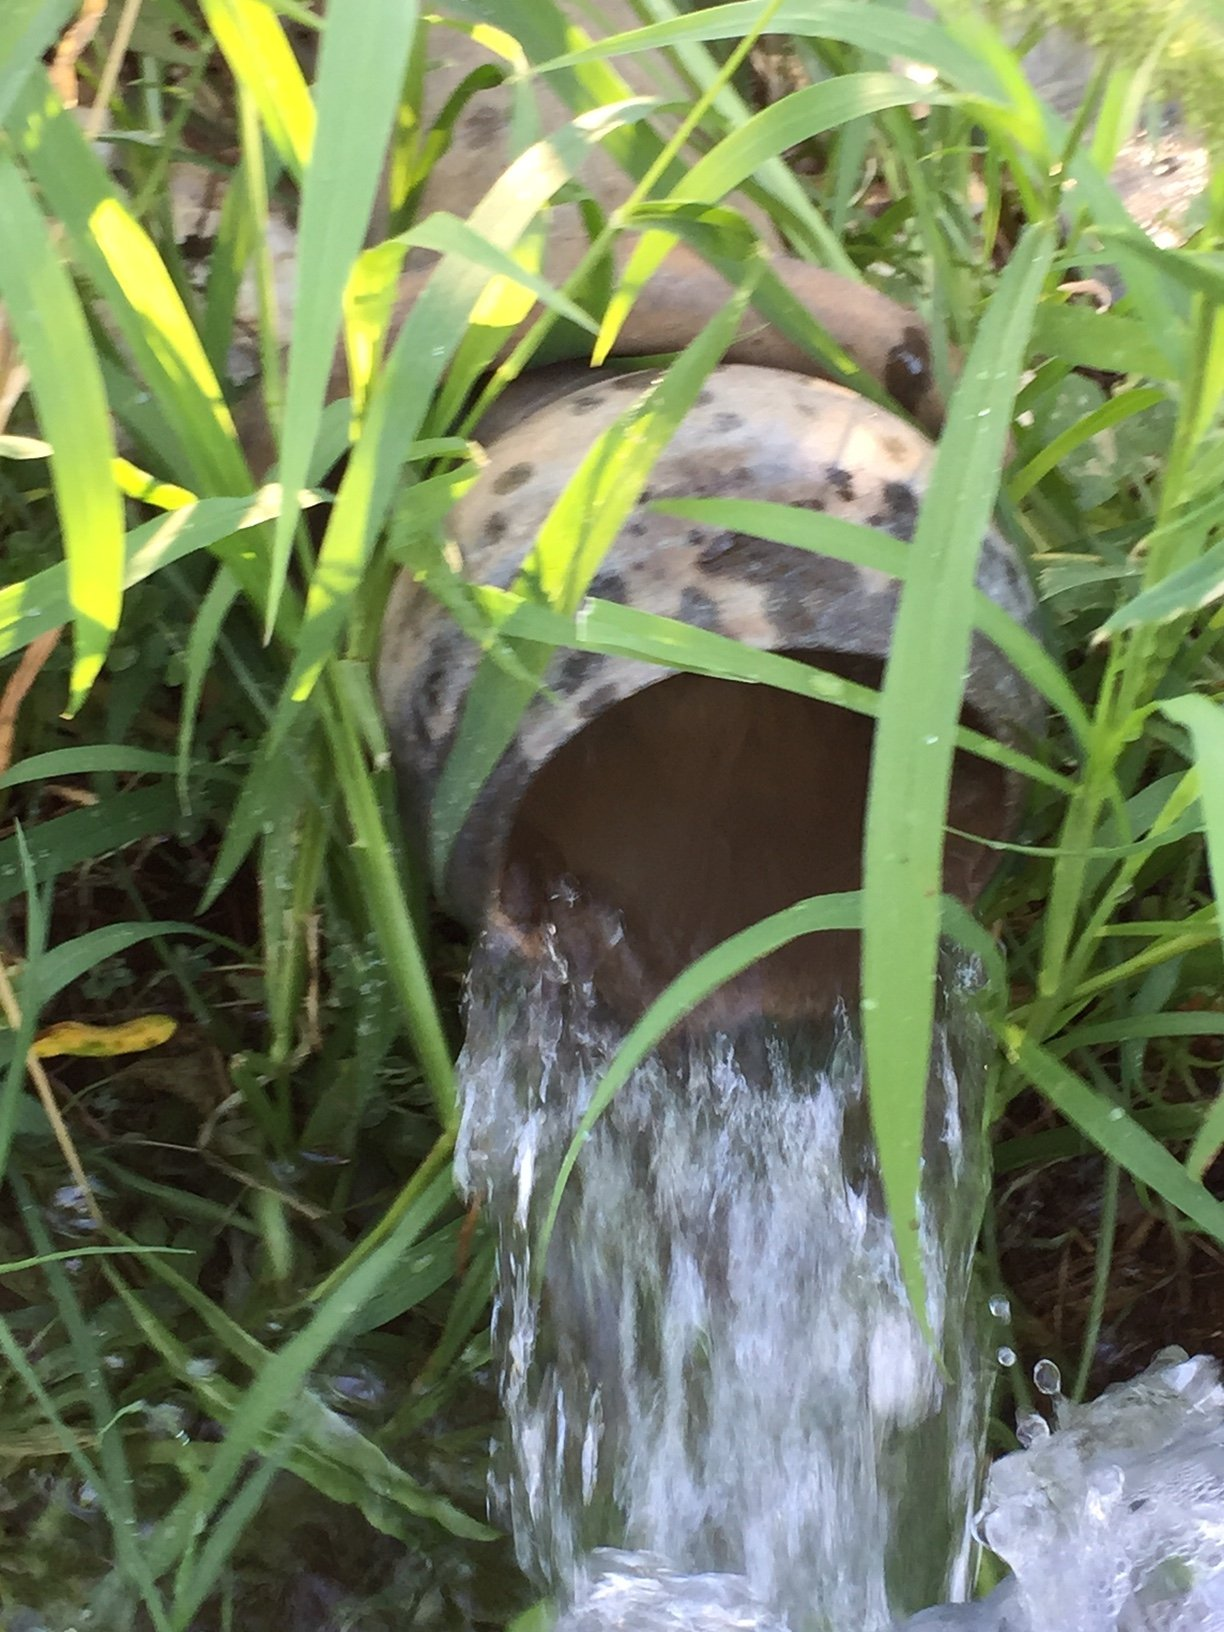 L'olio Dop Garda celebra l'incommensurabile valore dell'acqua